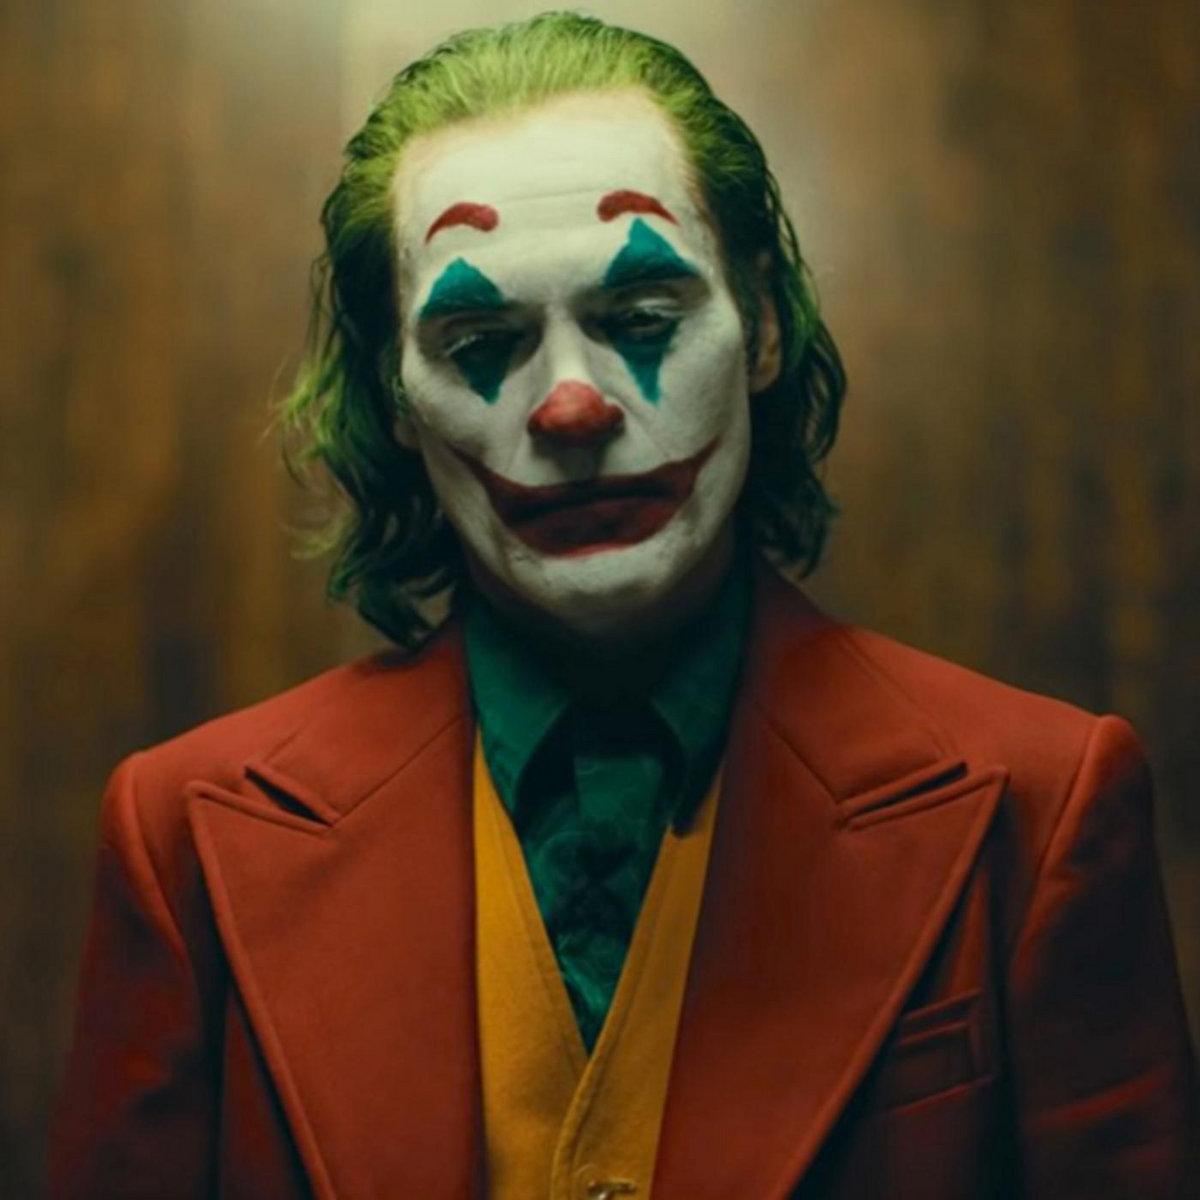 Free Download Joker Online Watch Full Movie 2019 Putlockers Download And Watch Joker Full Movie Free Download Joker Full Movie Online Последние твиты от.((watch)) joker full movie online putlocker (@jokerputlocker). download joker full movie